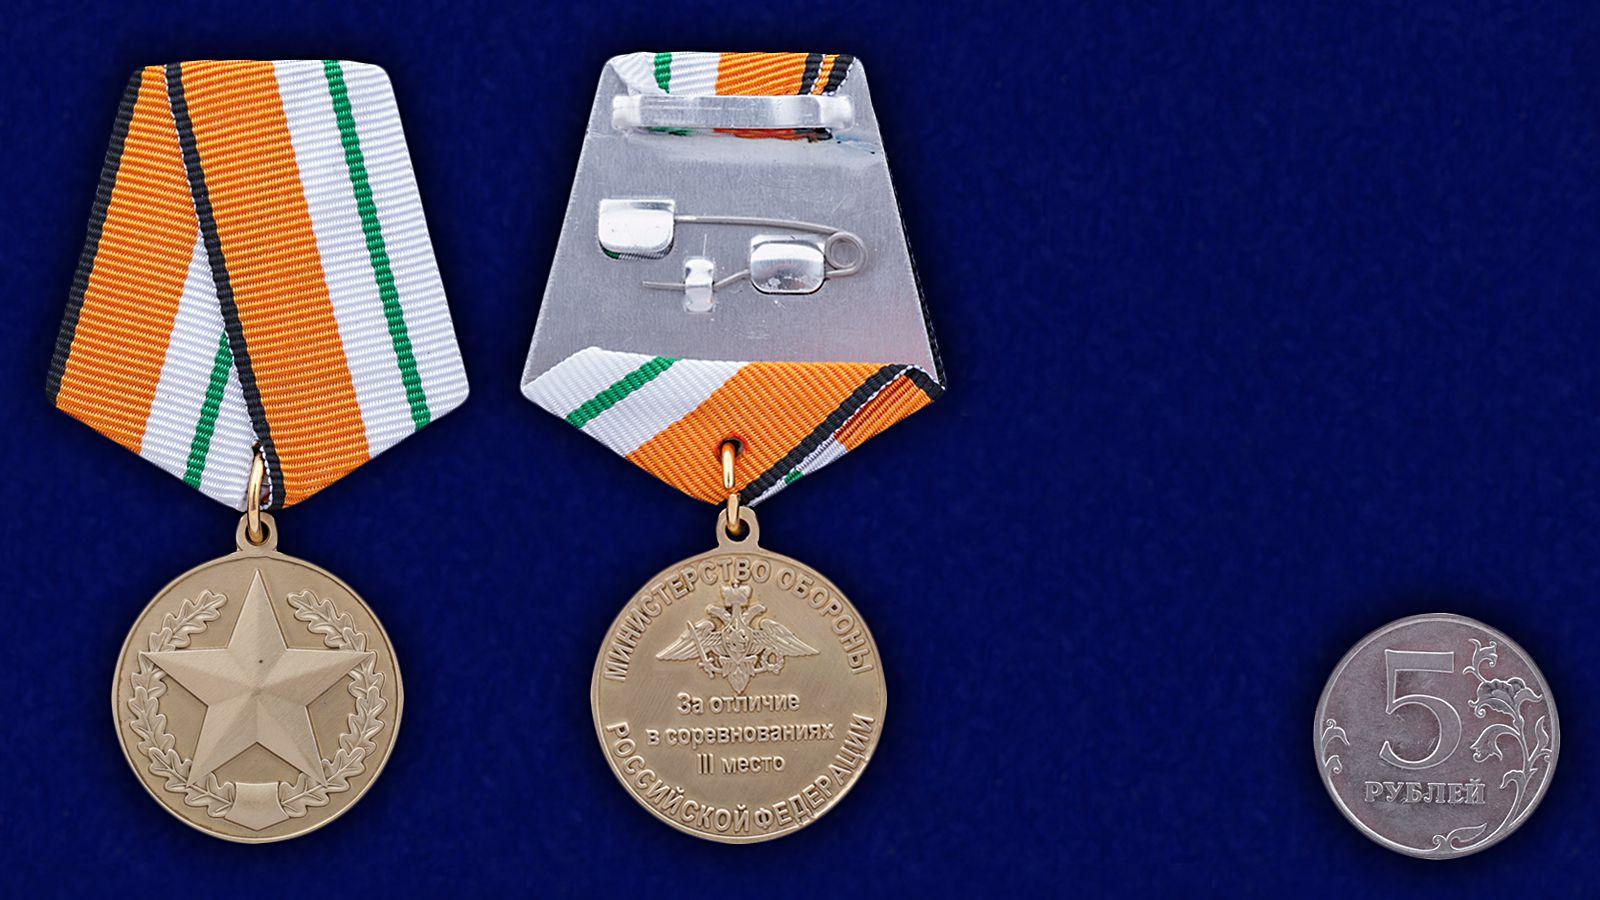 Медаль МО РФ За отличие в соревнованиях - сравнительный вид